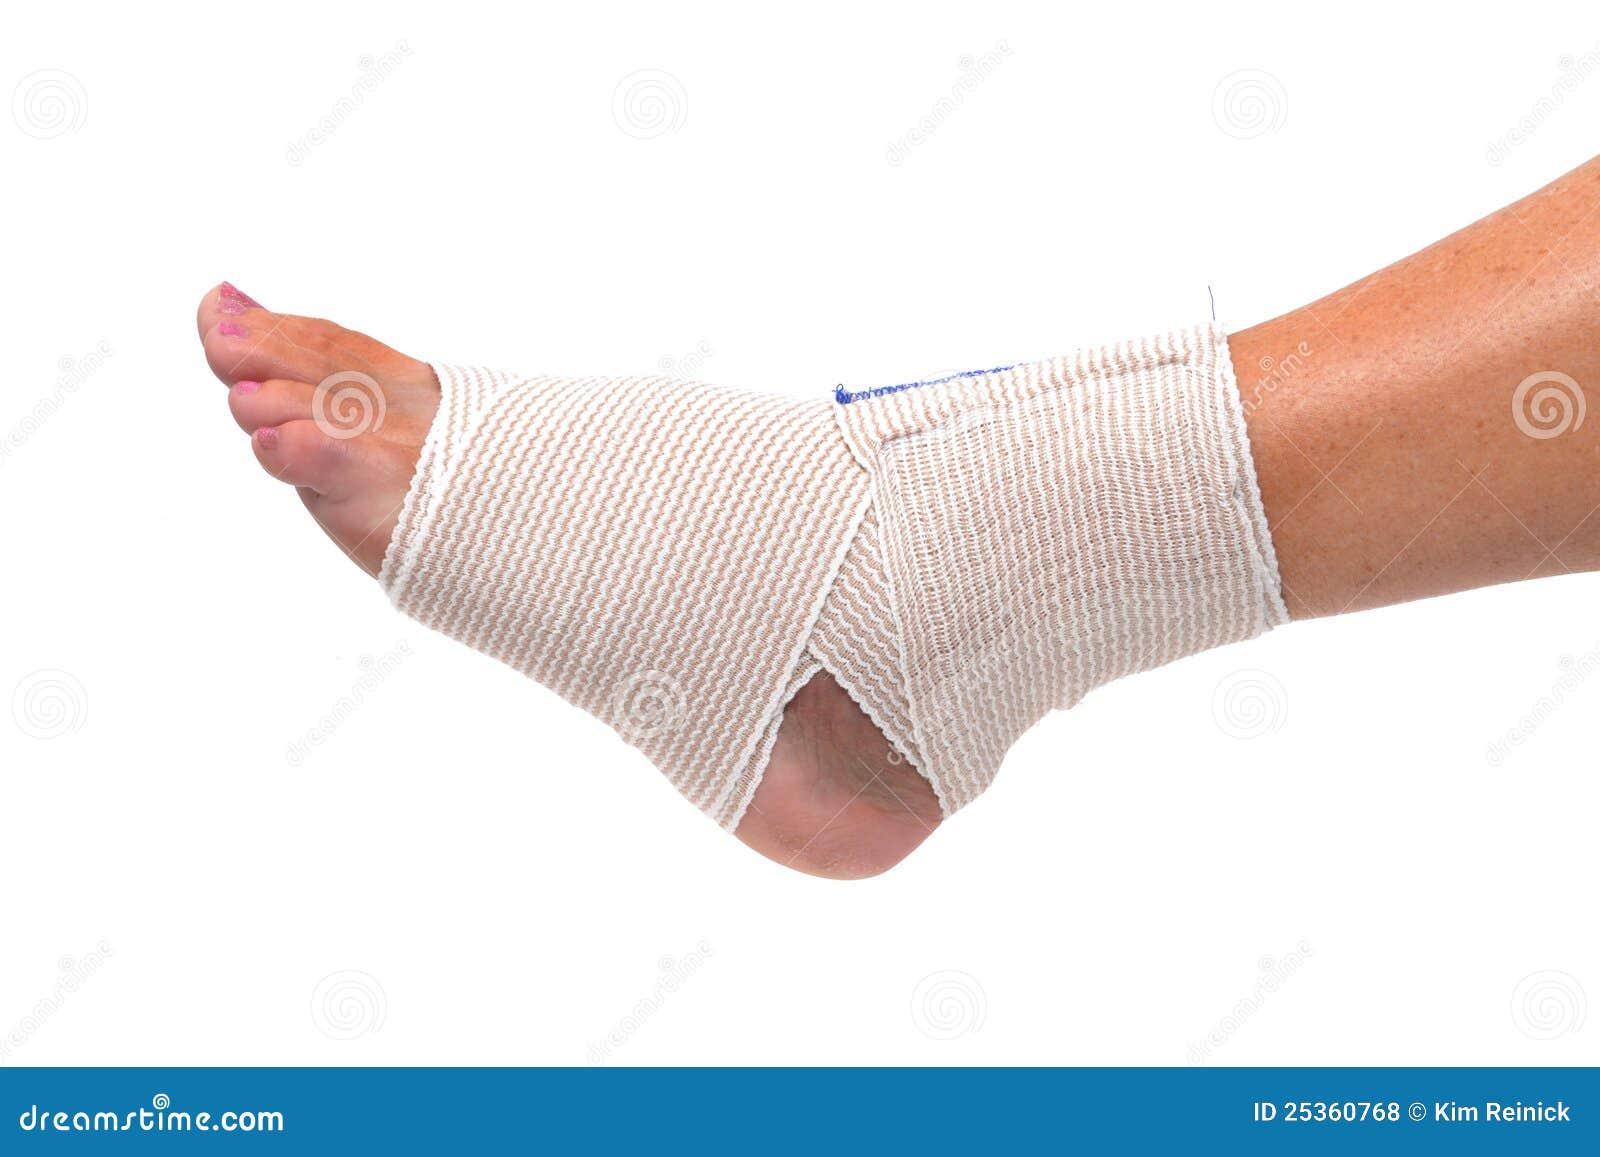 pijn rondom knie